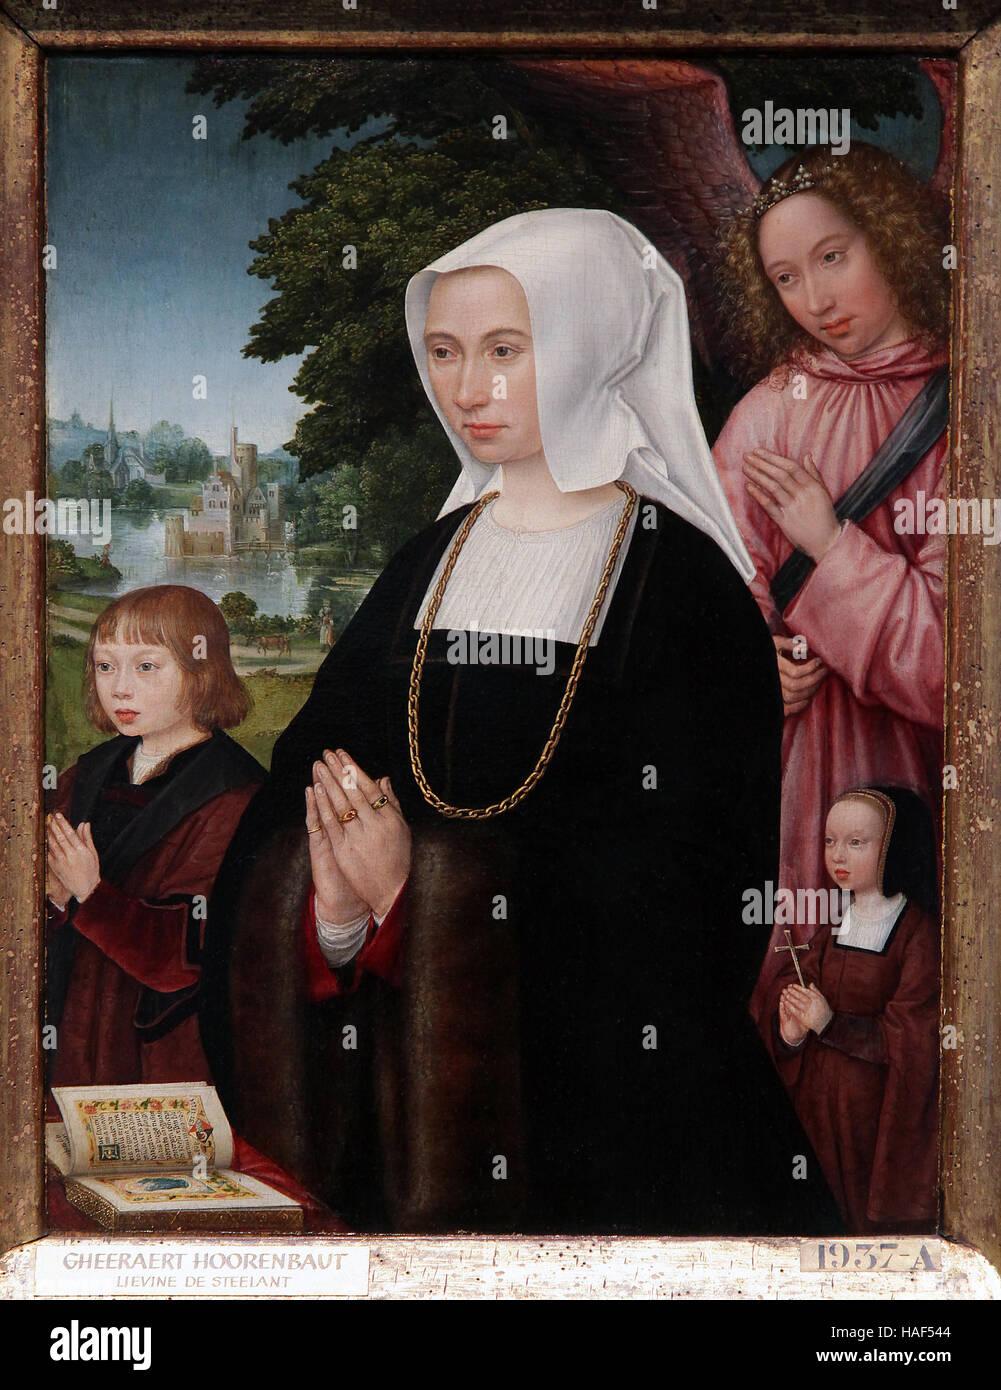 Gerard Horenbout 1465-1540 Portraits Lieven van Pottelsberghe Livina van Steelant - Stock Image